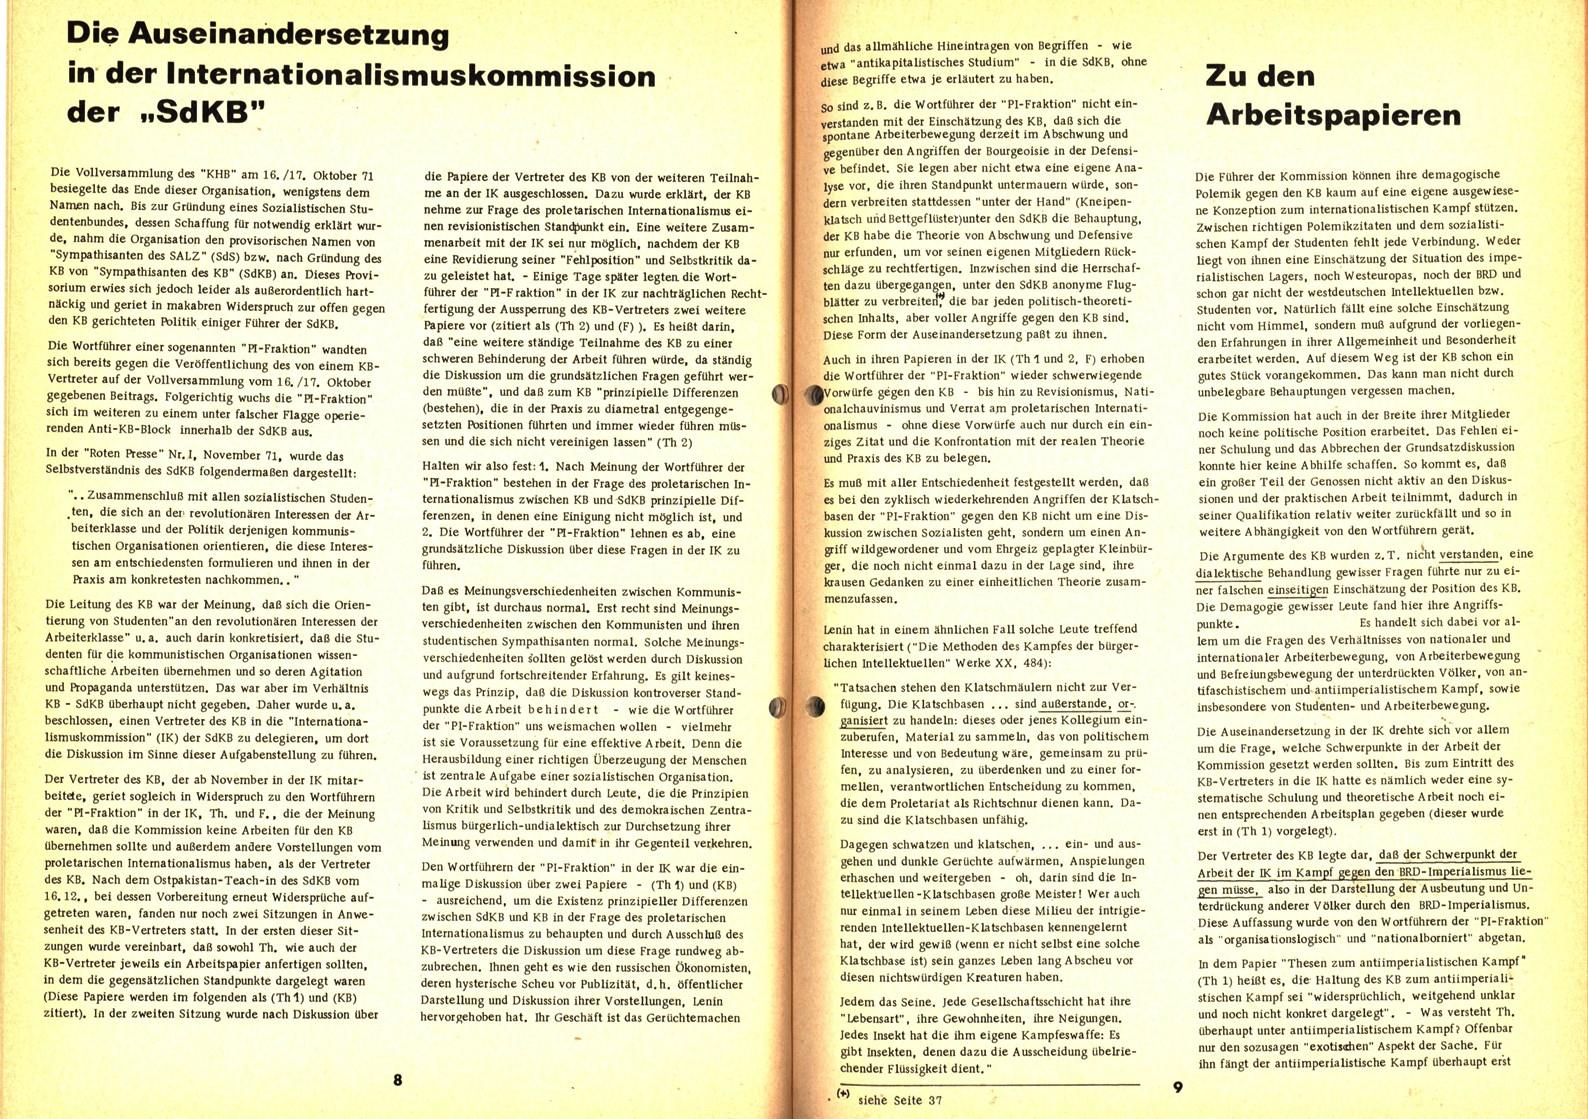 KB_Unser_Weg_19720200_05